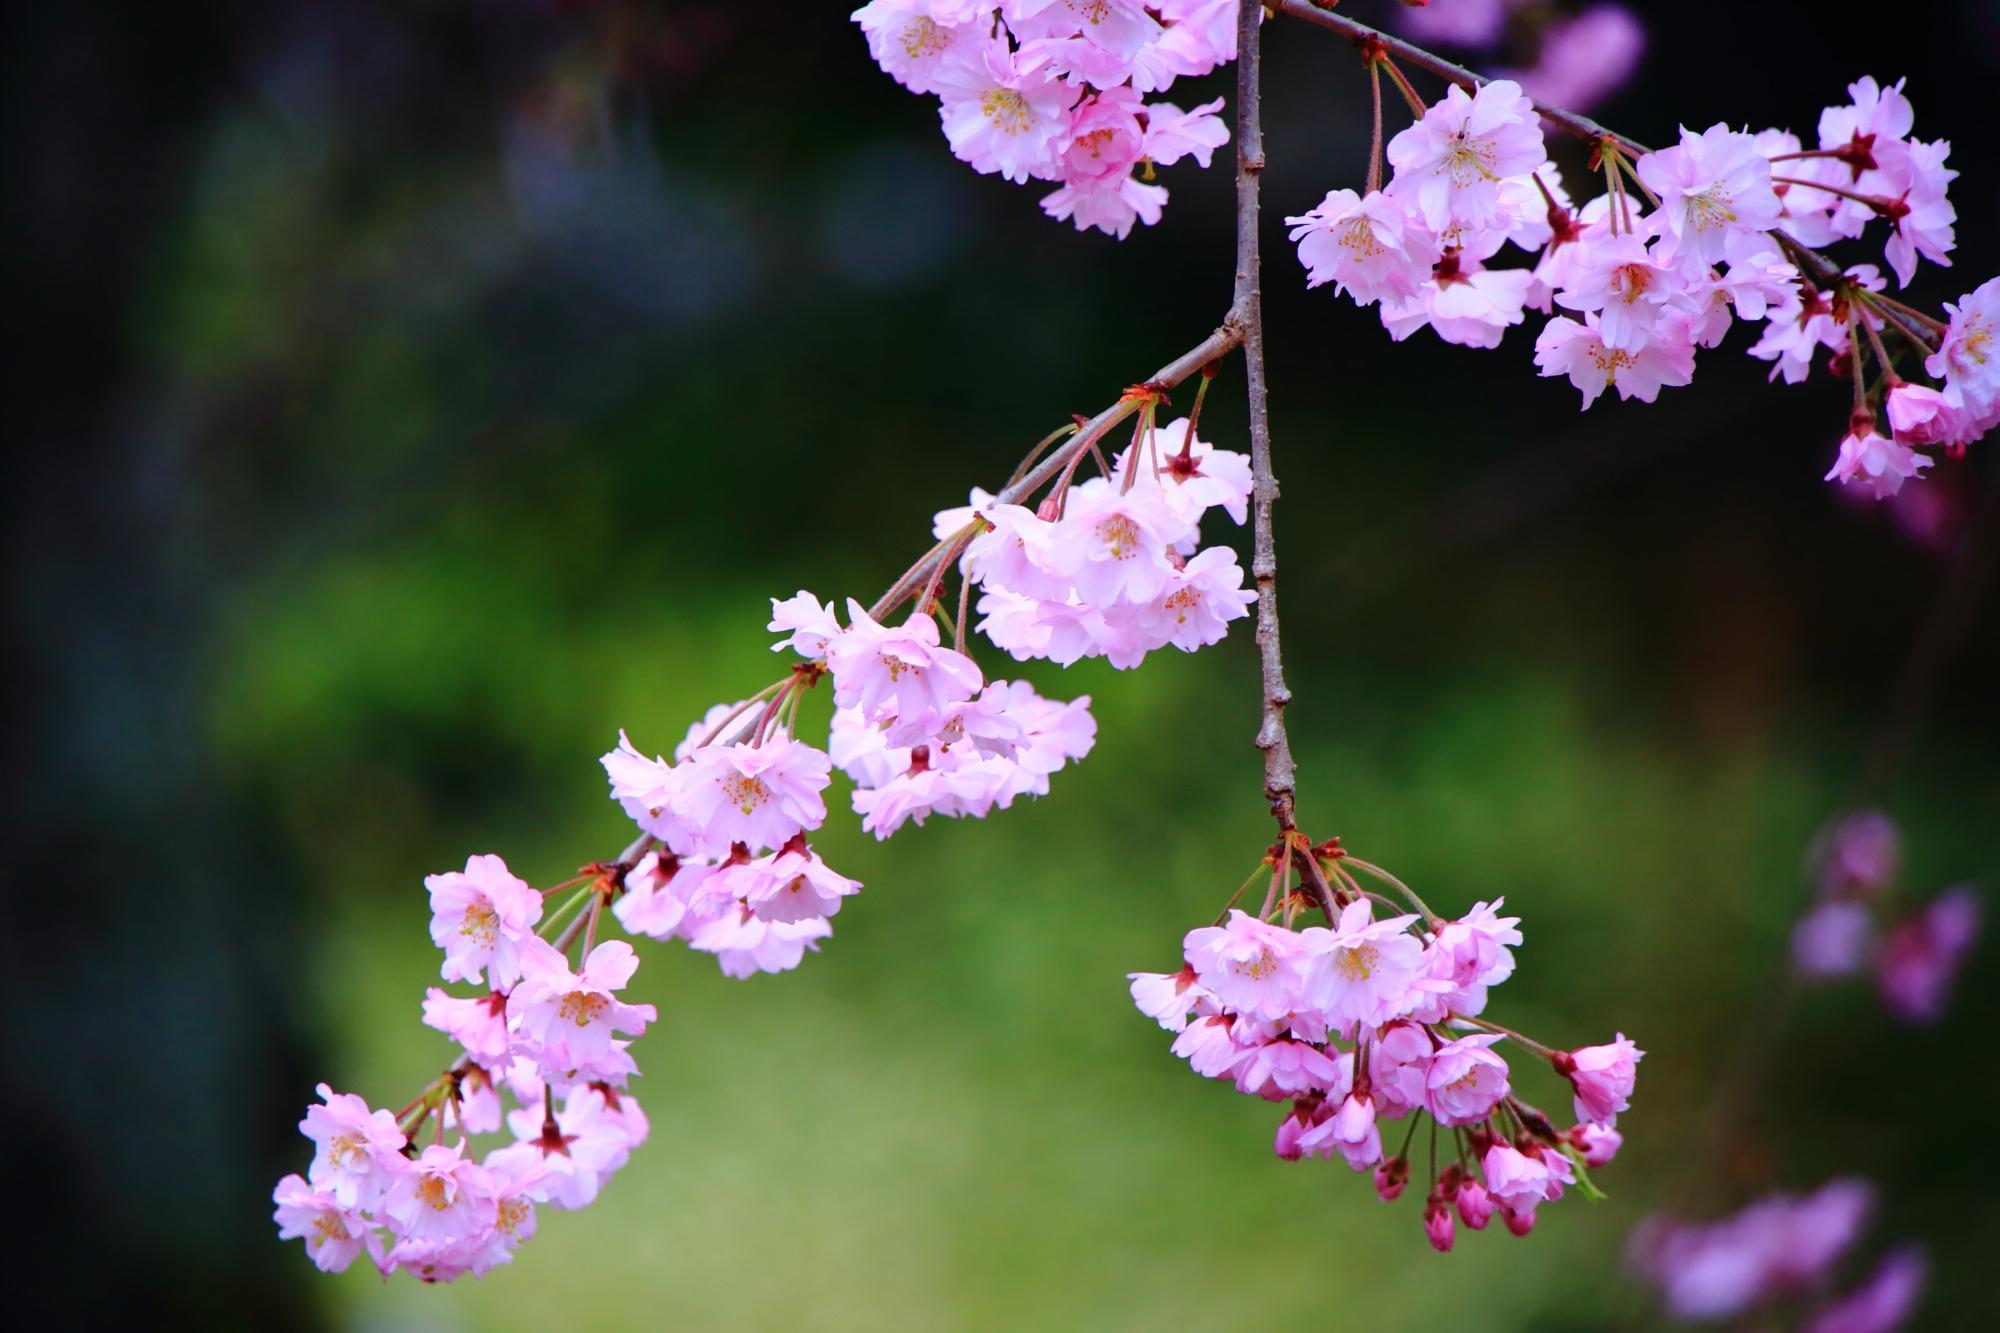 いろんな方向に伸びる花をつけた枝